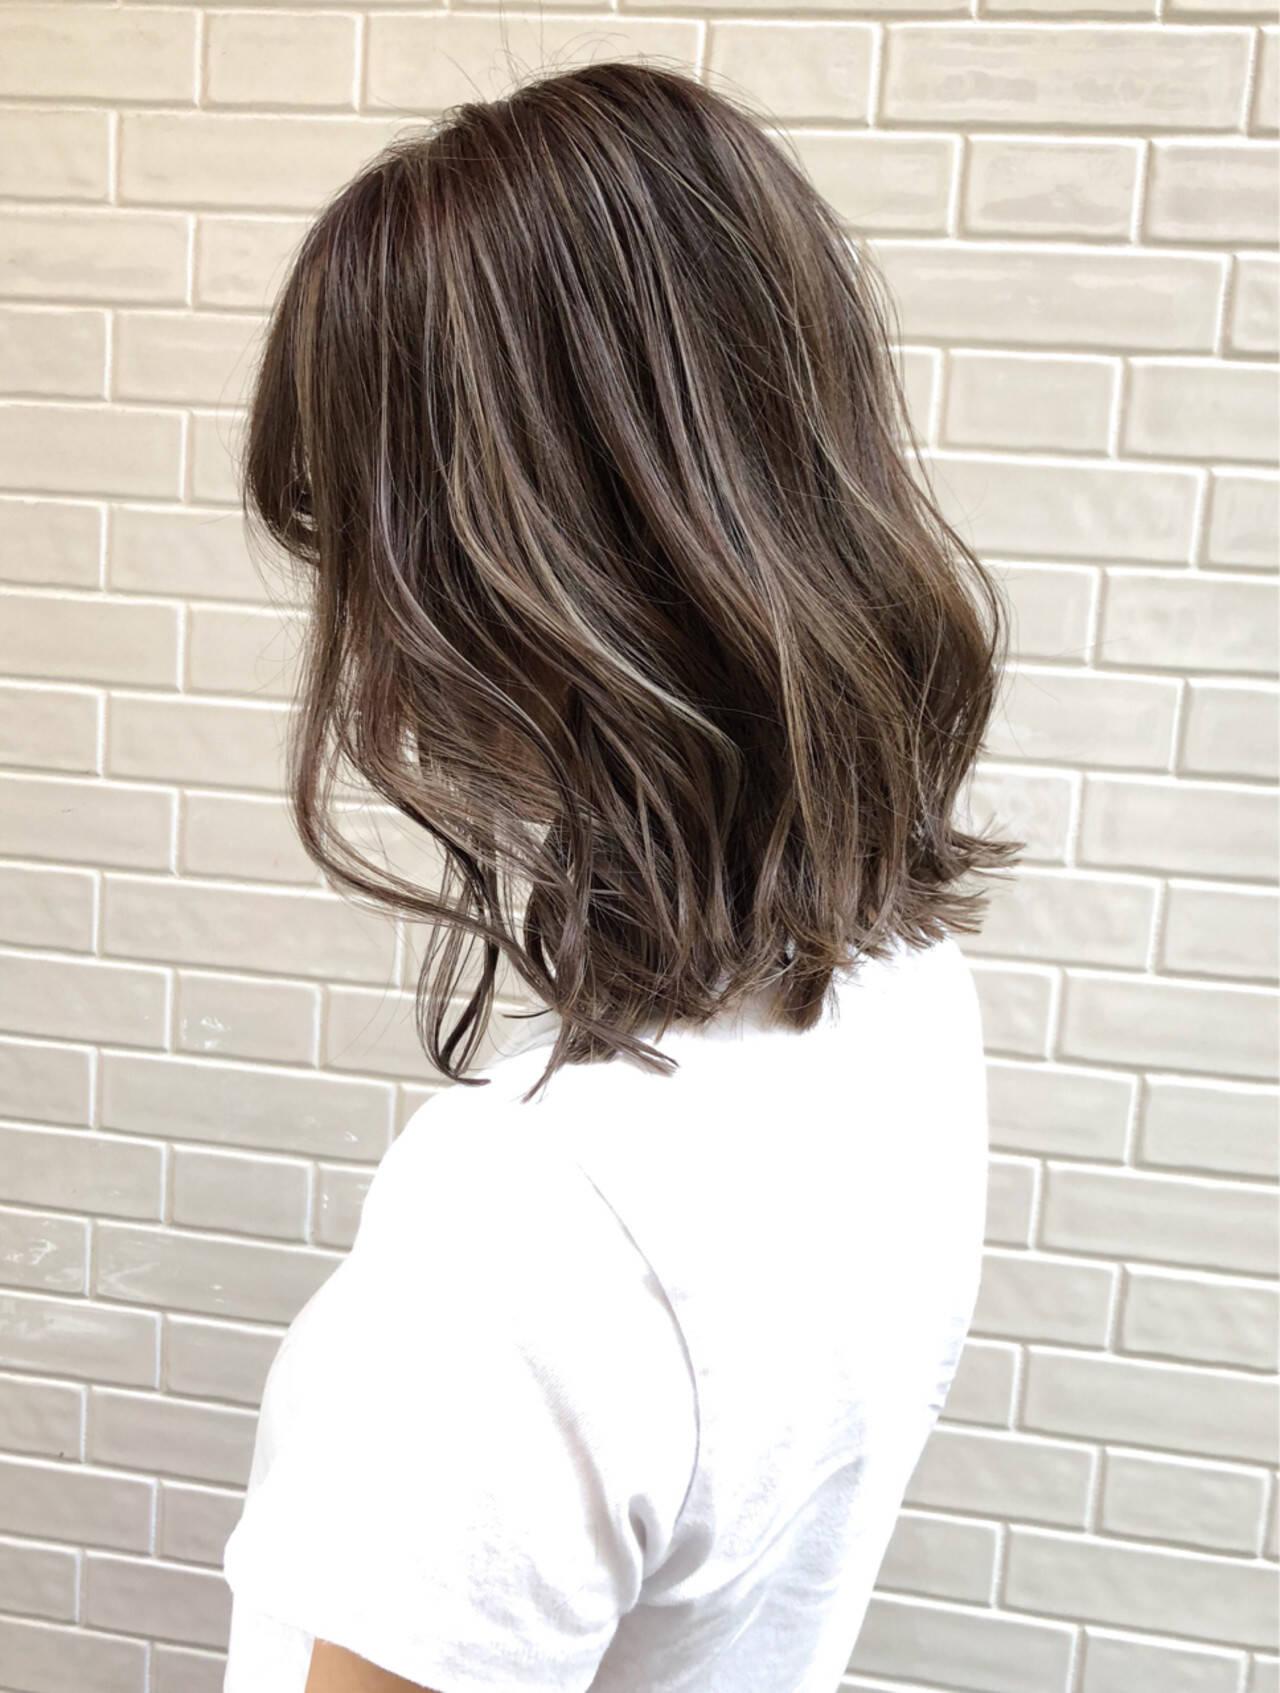 バレイヤージュ グレージュ ダブルカラー エレガントヘアスタイルや髪型の写真・画像